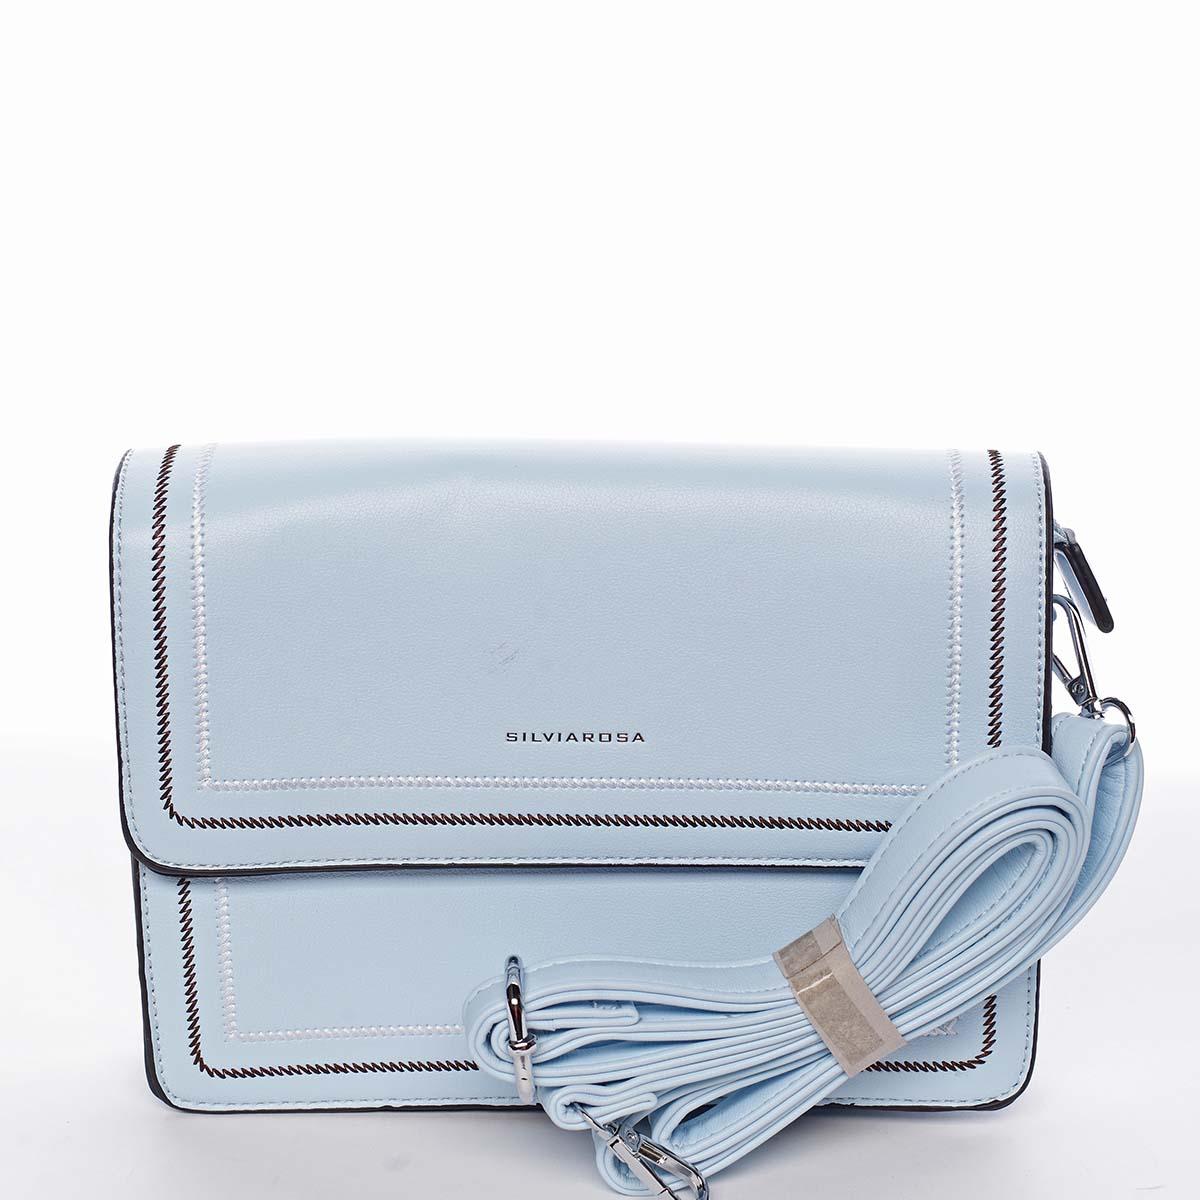 Originální elegantní crossbody kabelka nebesky modrá - Silvia Rosa Cielo